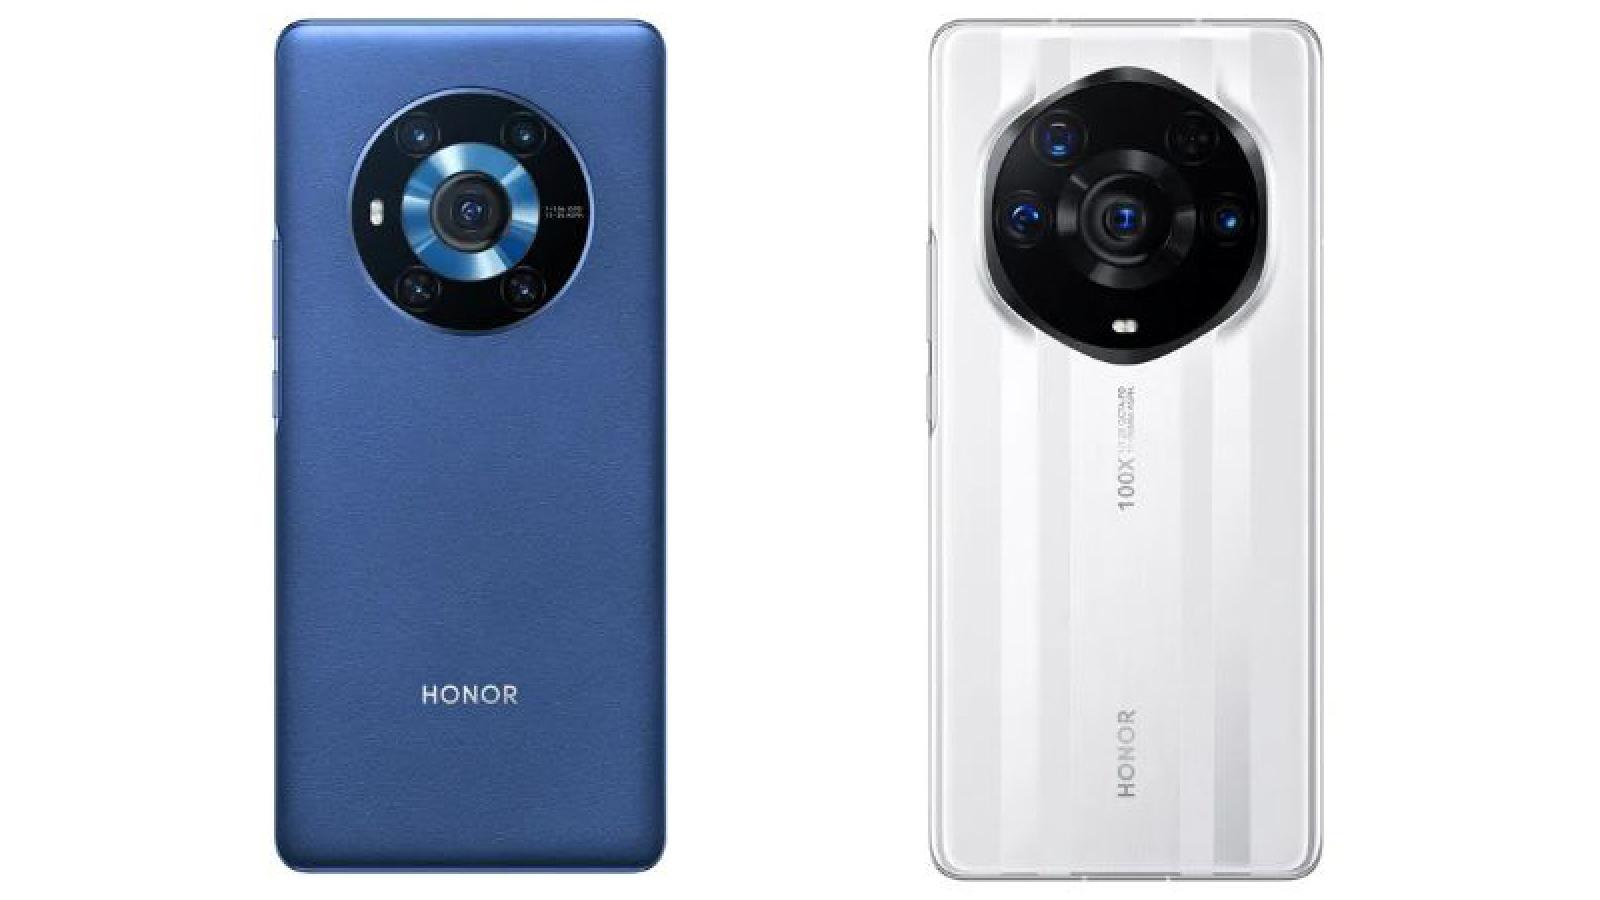 Honor tung loạt smartphone cao cấp cực chất kể từ ngày rời xa Huawei